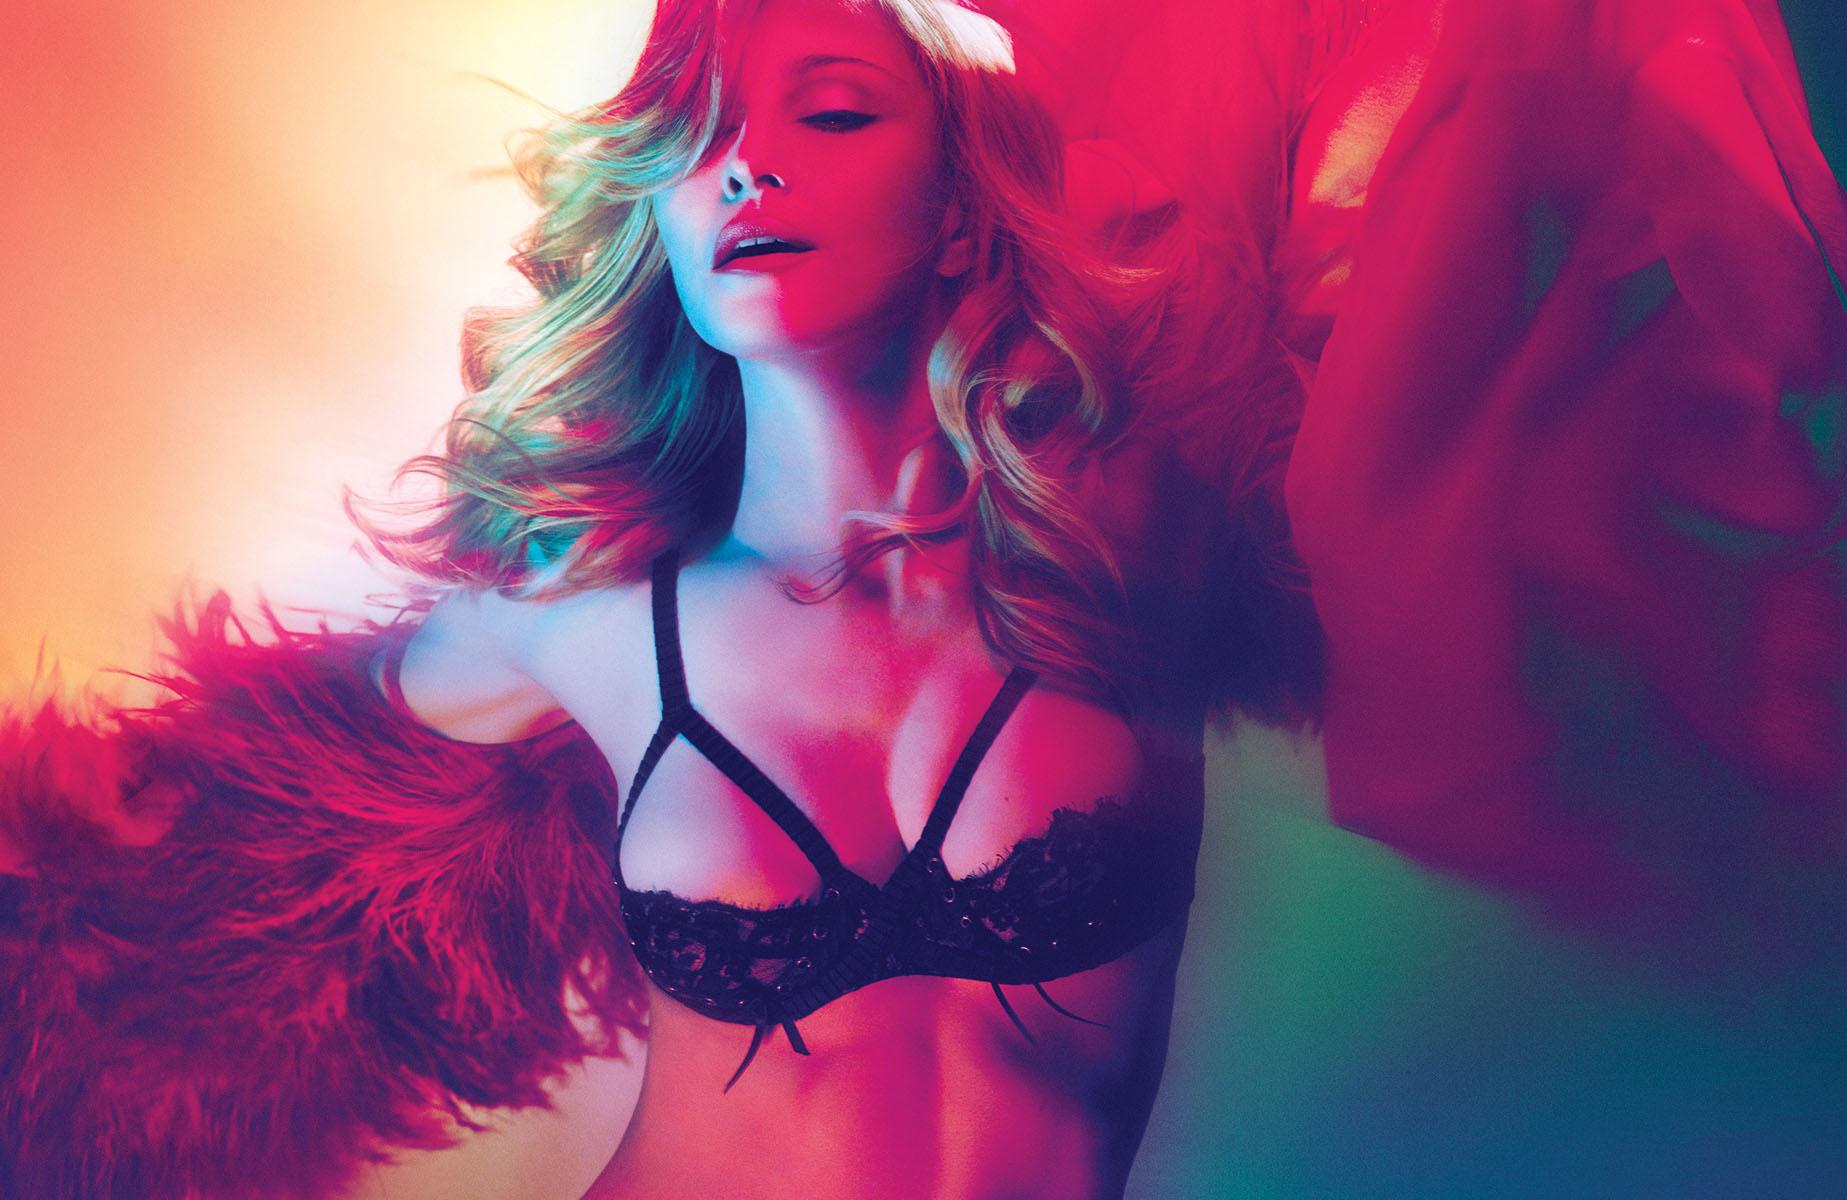 Топ эротических муз клипов онлайн фото 459-692